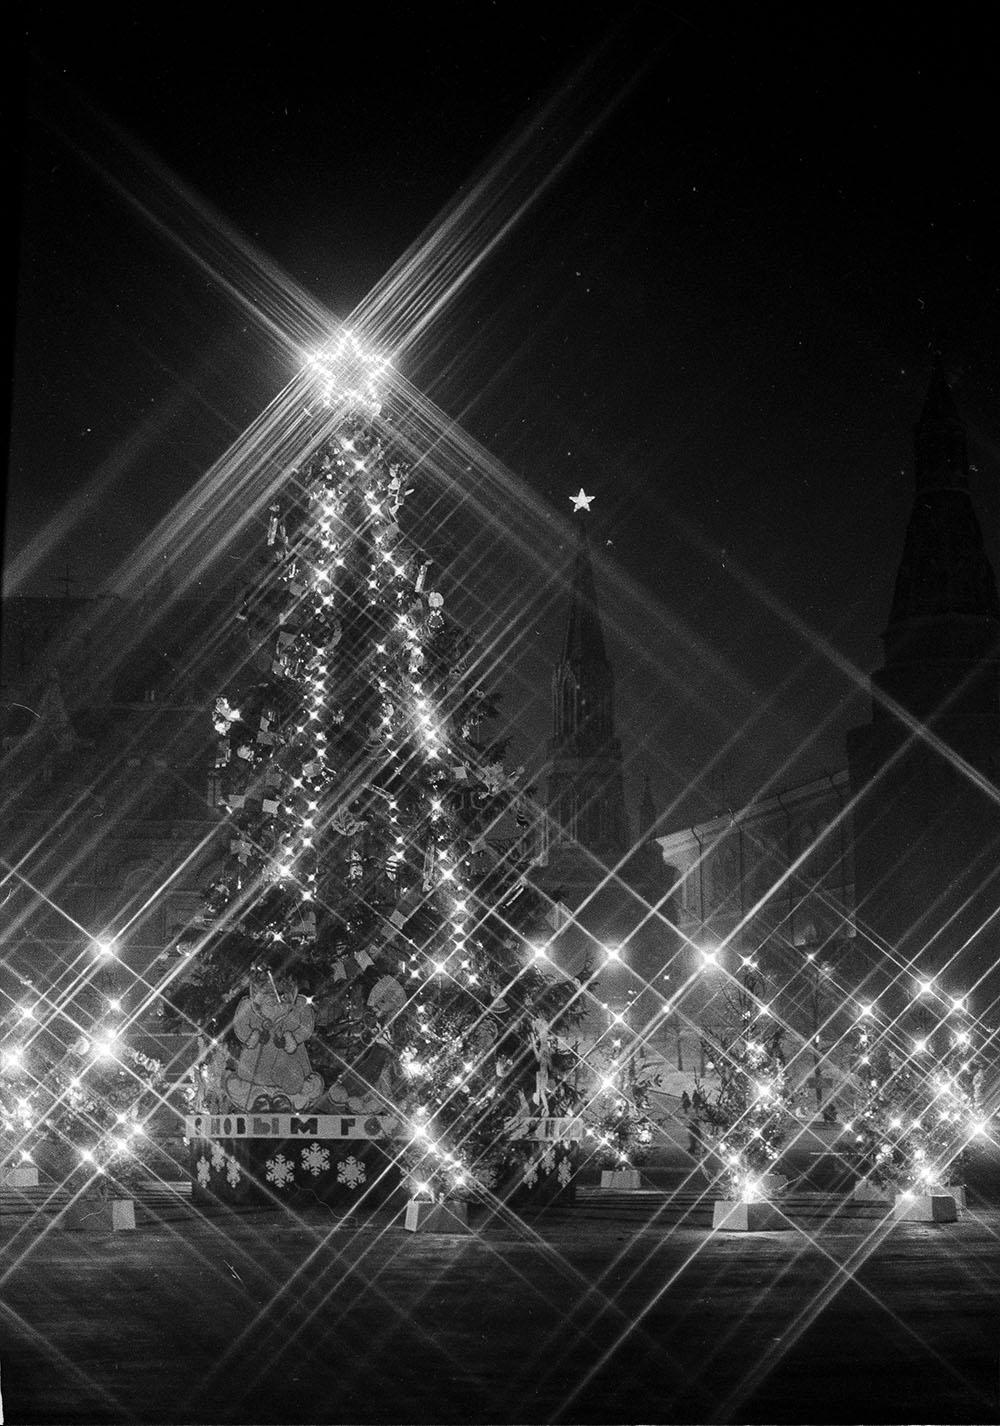 1985. Праздничная новогодняя ёлка в вечернем освещении на территории Кремля. Автор С. Войков. Январь